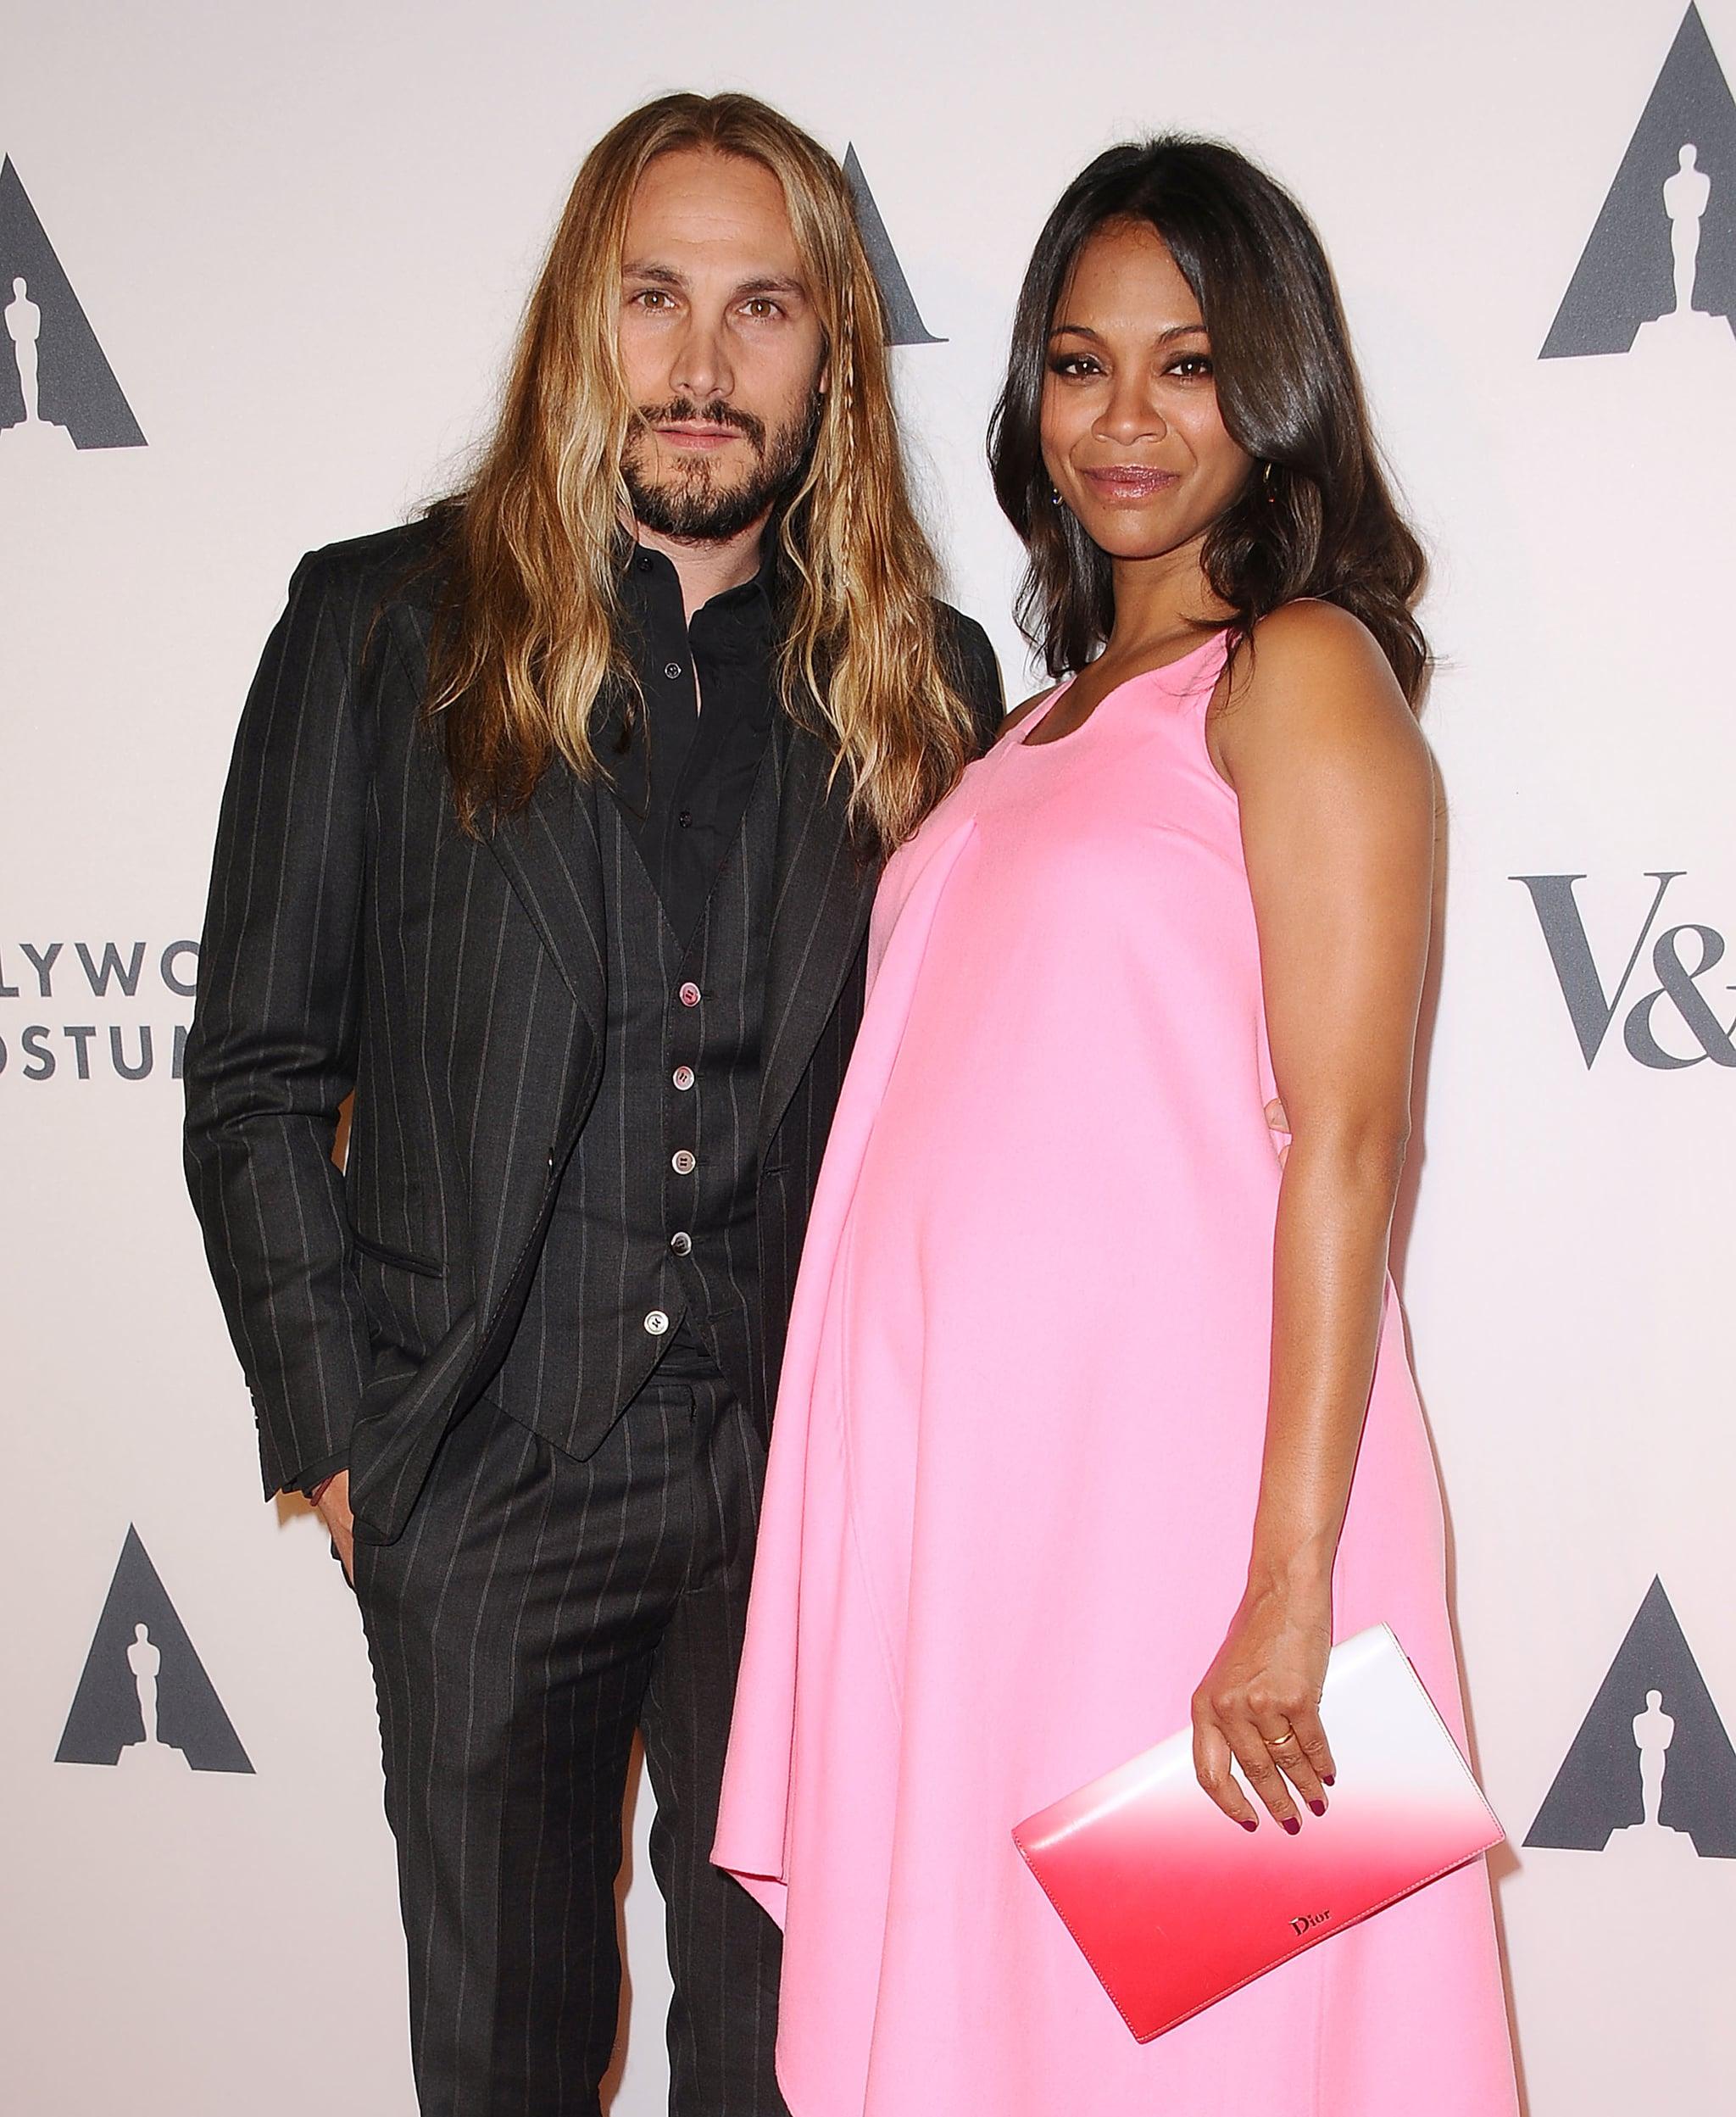 On Wednesday Zoe Saldana And Her Husband Marco Perego